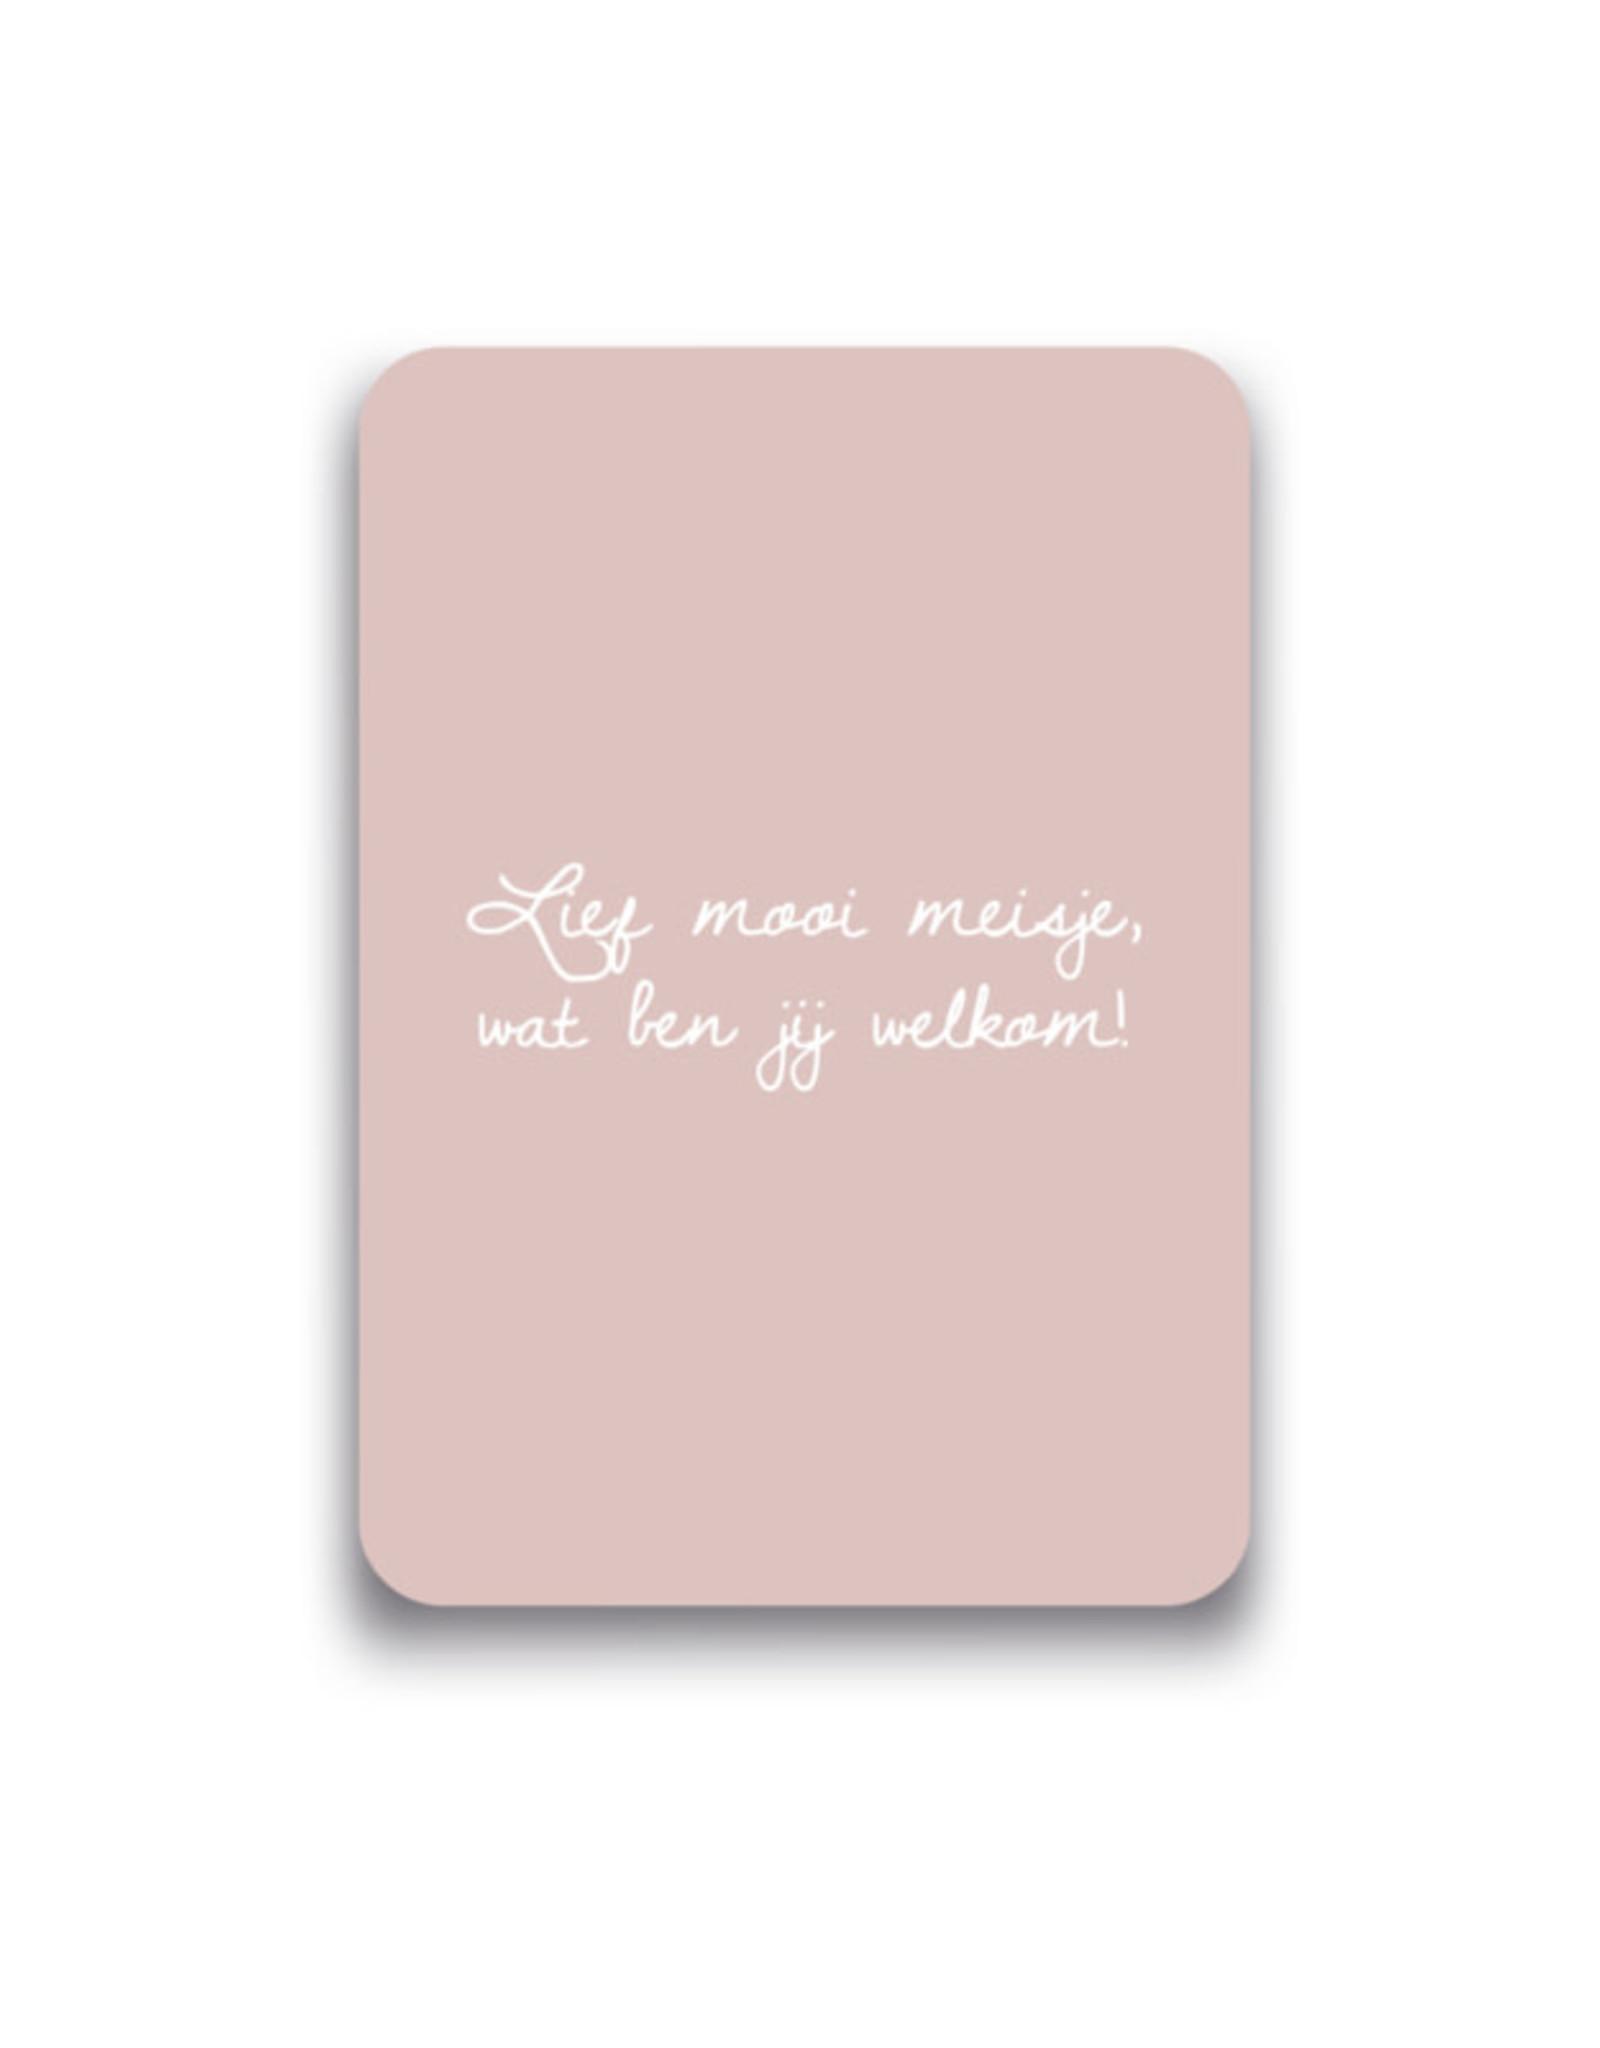 Mousie kaart a6 mousie: Lief mooi meisje, wat ben jij welkom!